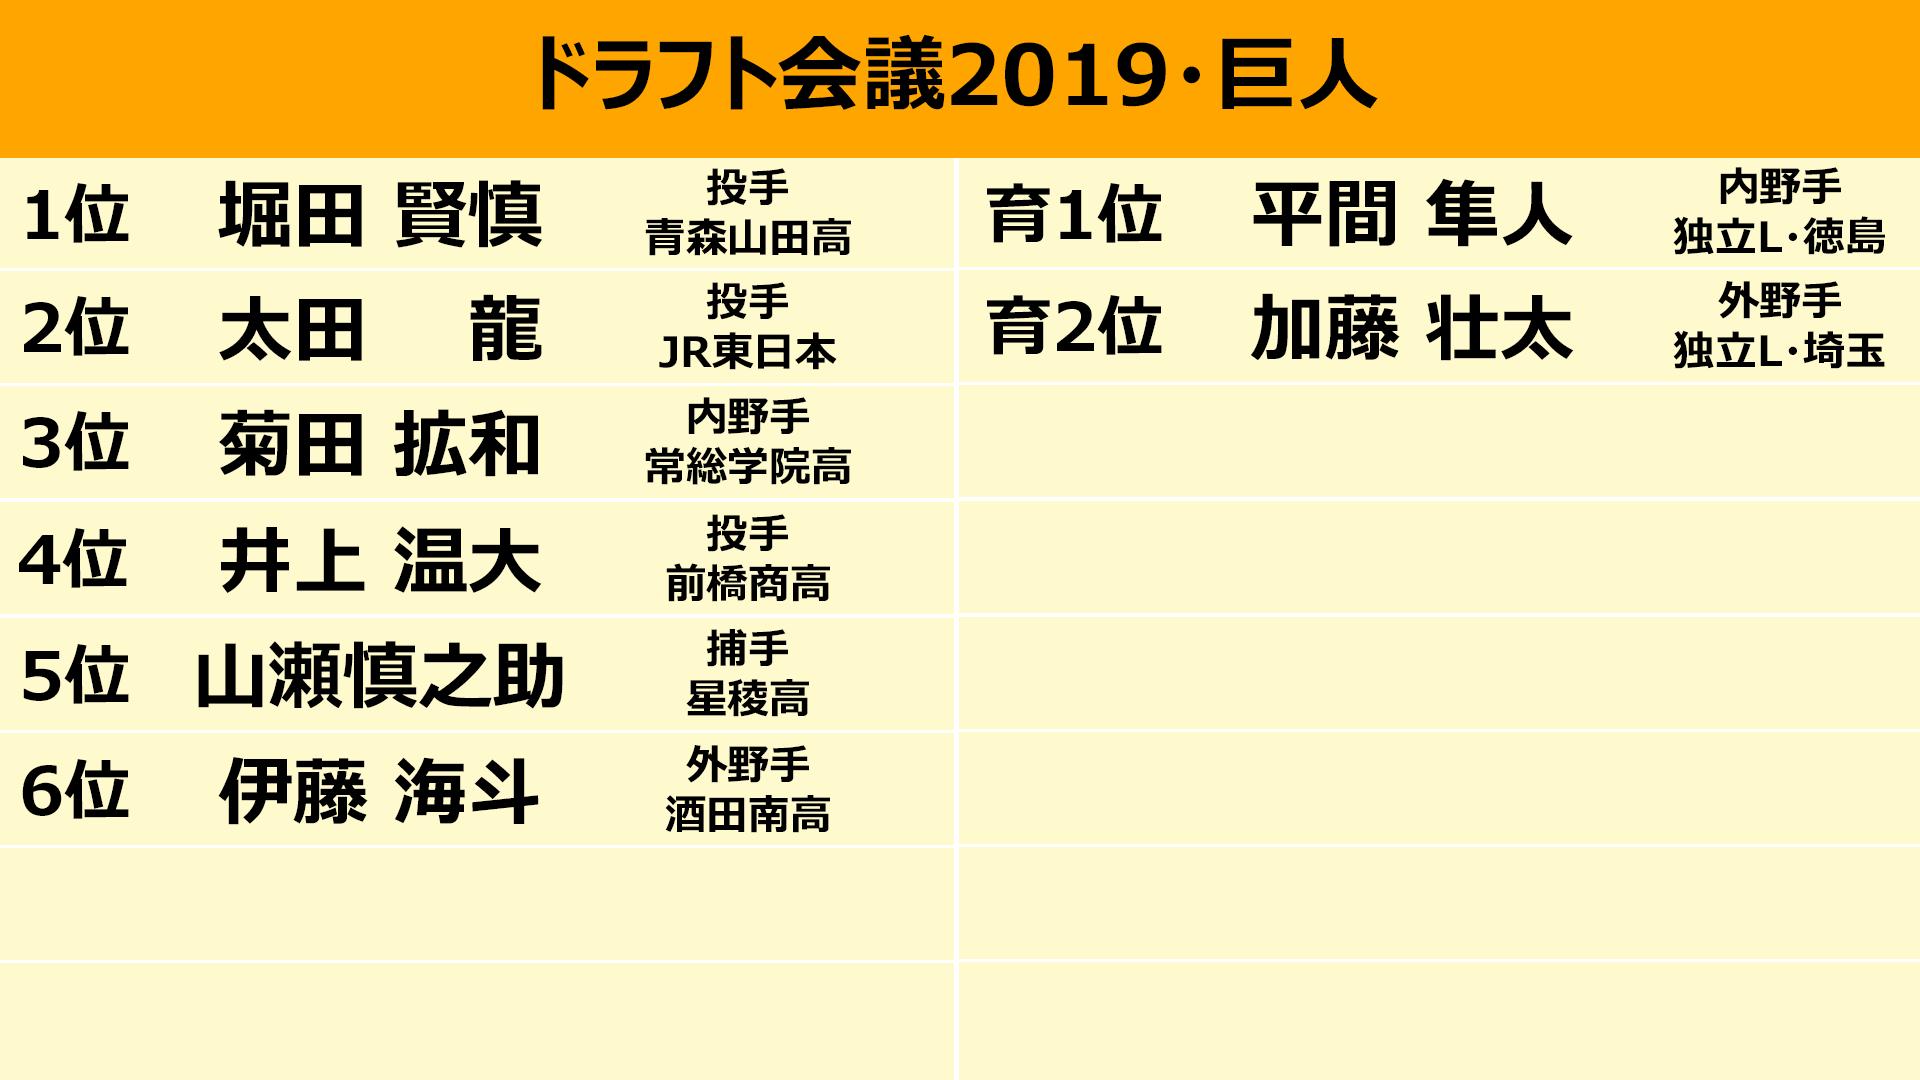 日程 ドラフト 会議 2019